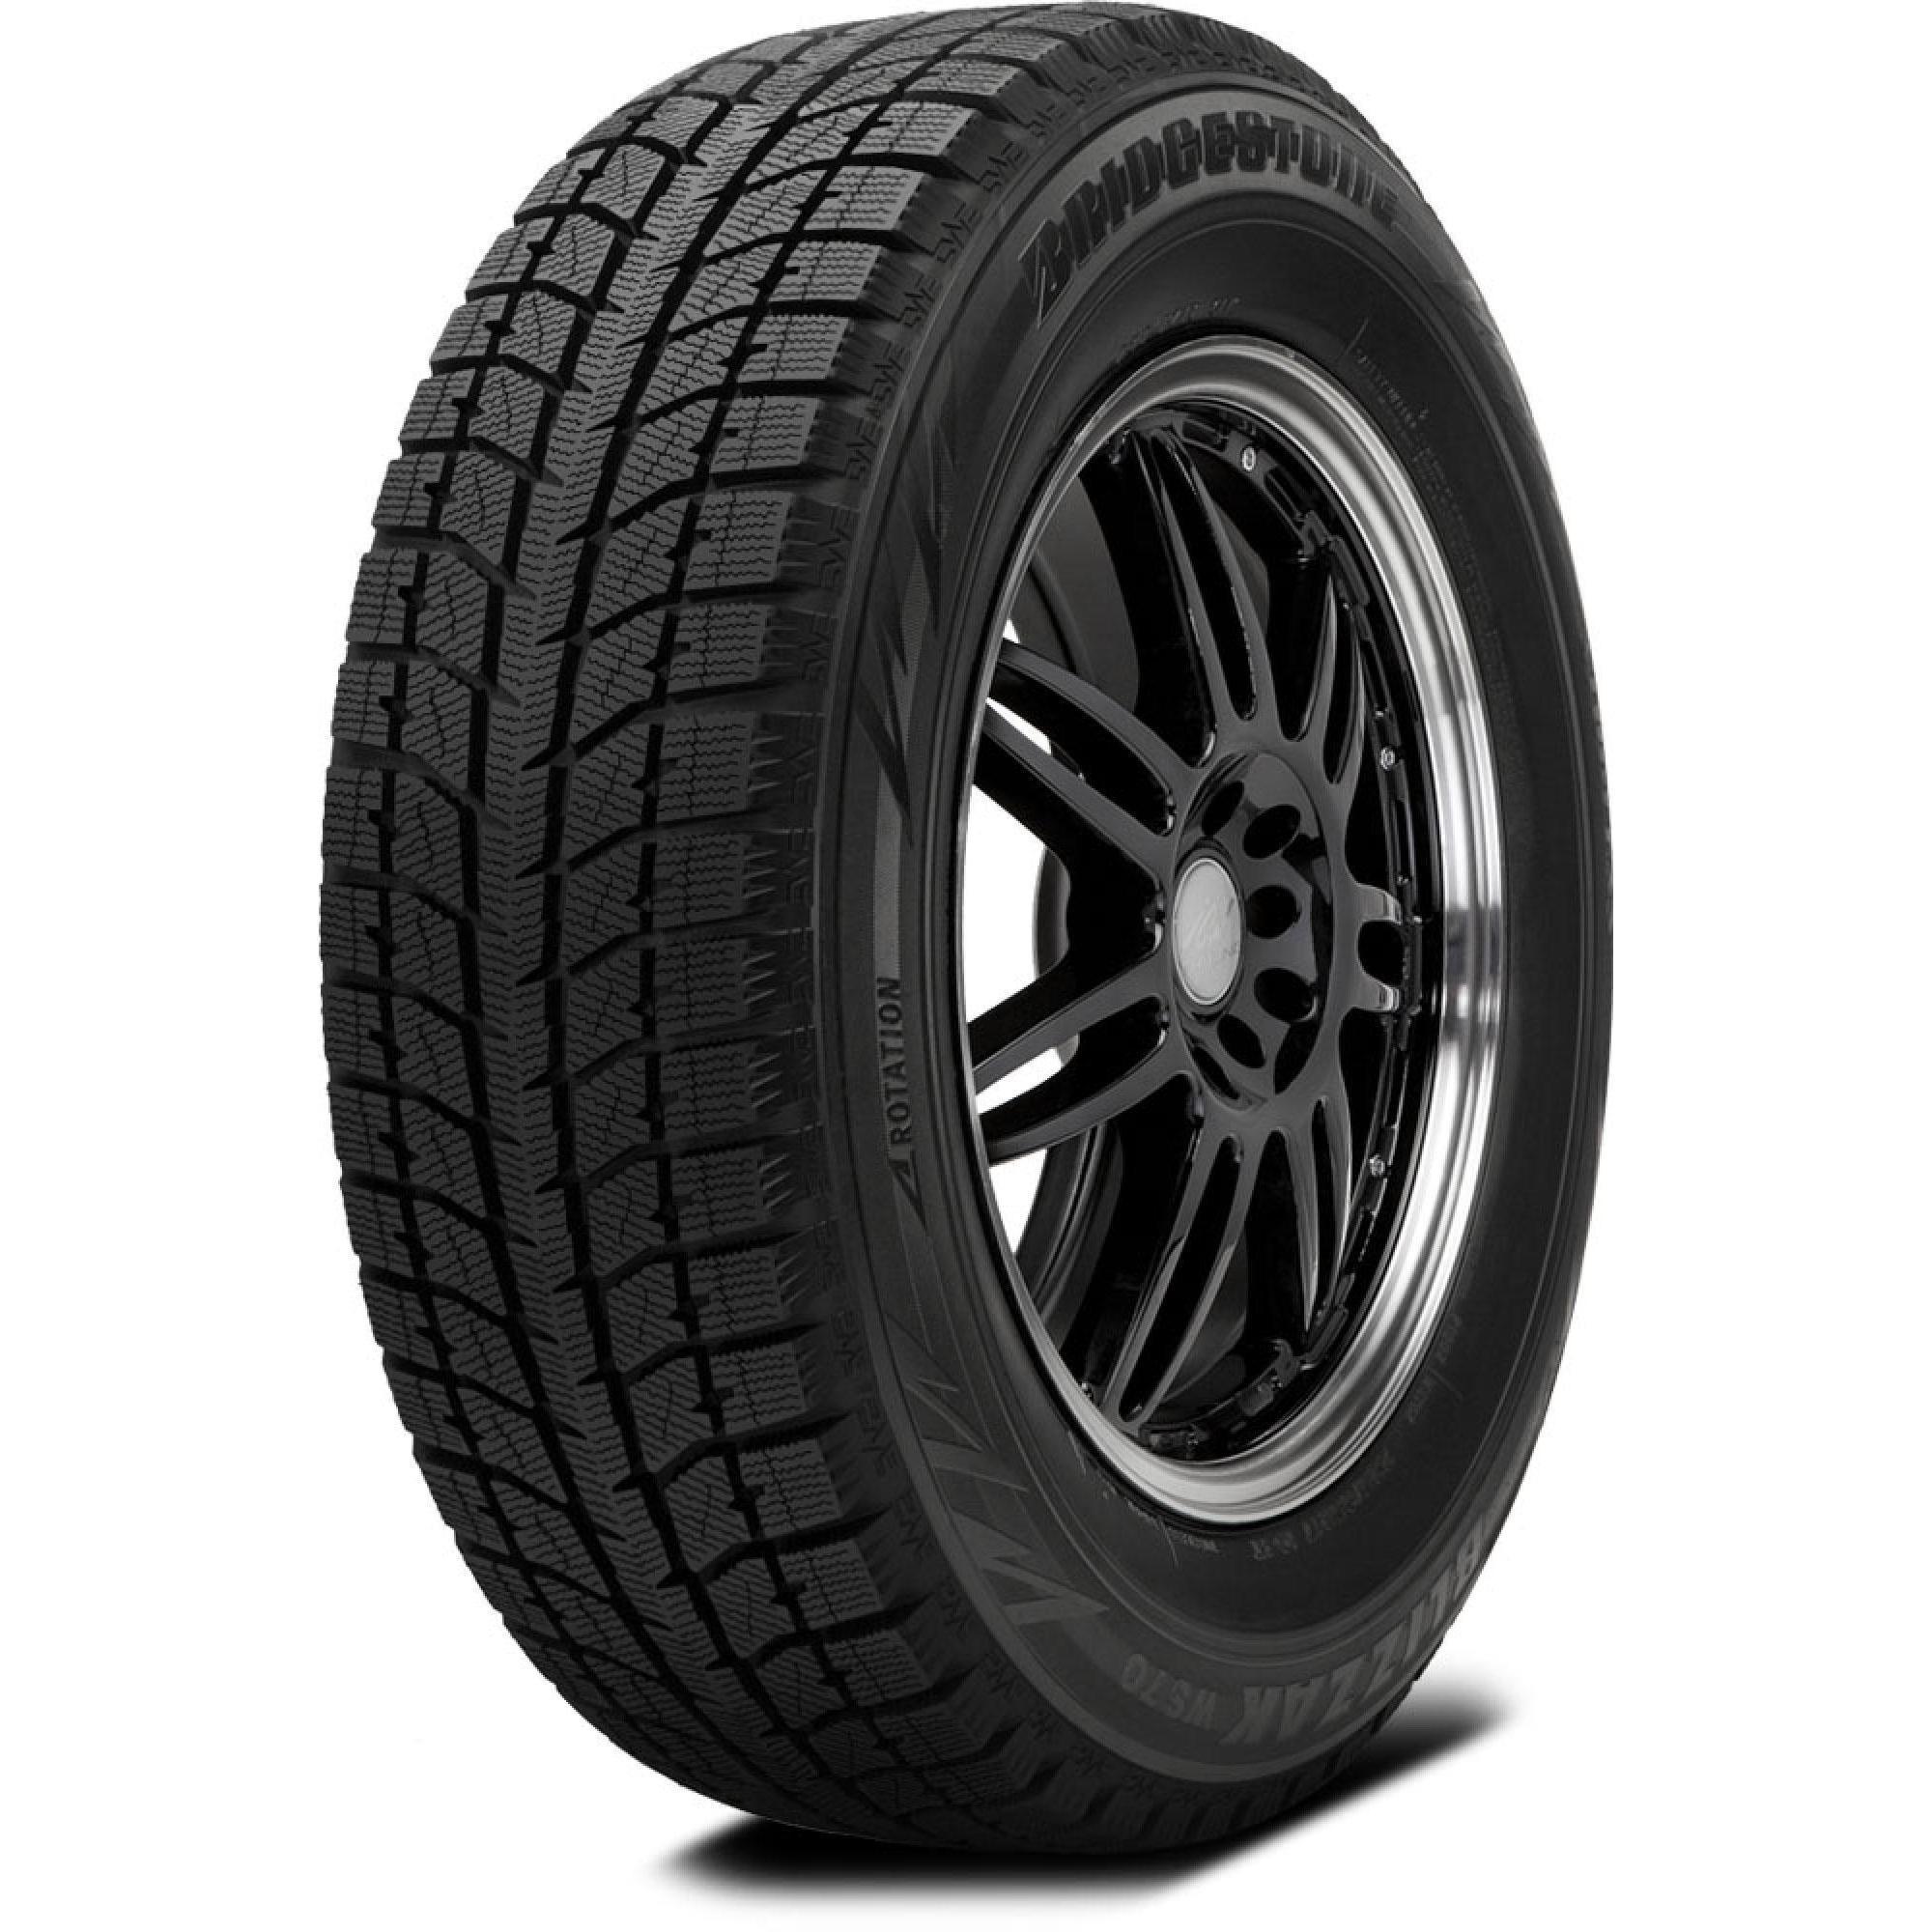 Bridgestone Tire Deals >> Bridgestone Blizzak WS70 | TireBuyer